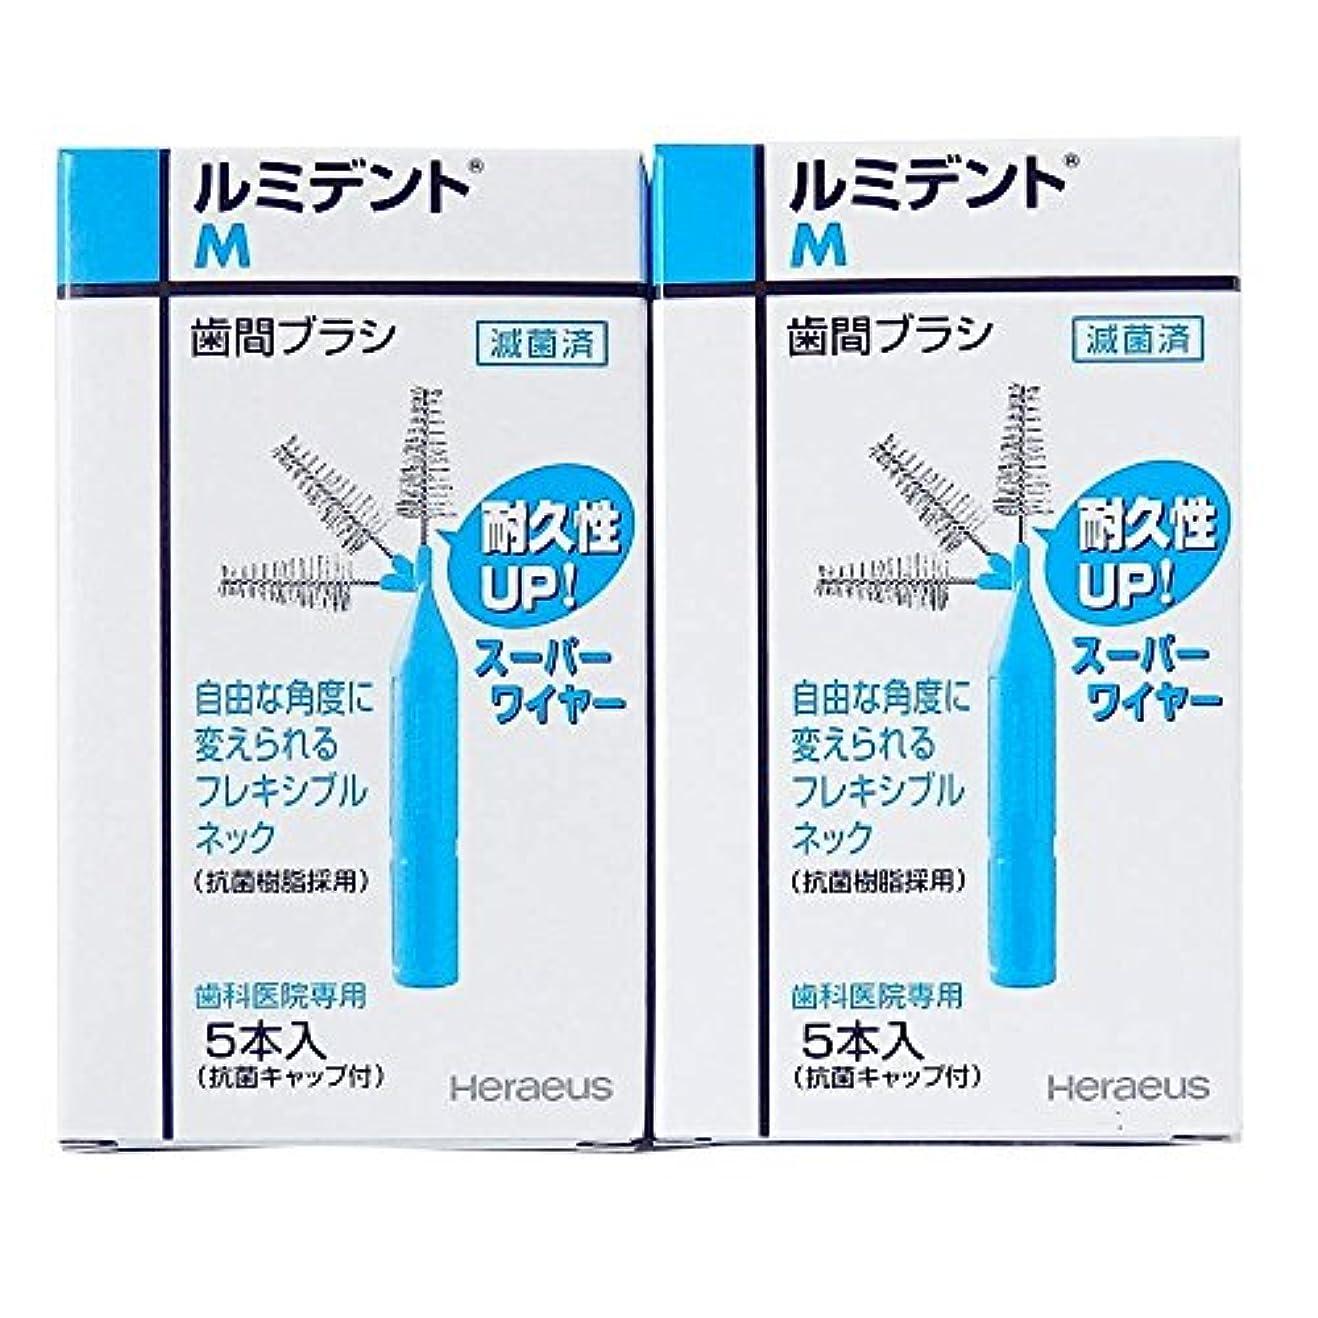 オールキーリッチヘレウス ルミデント歯間ブラシ 5本入×2個 (M)歯科医院専用